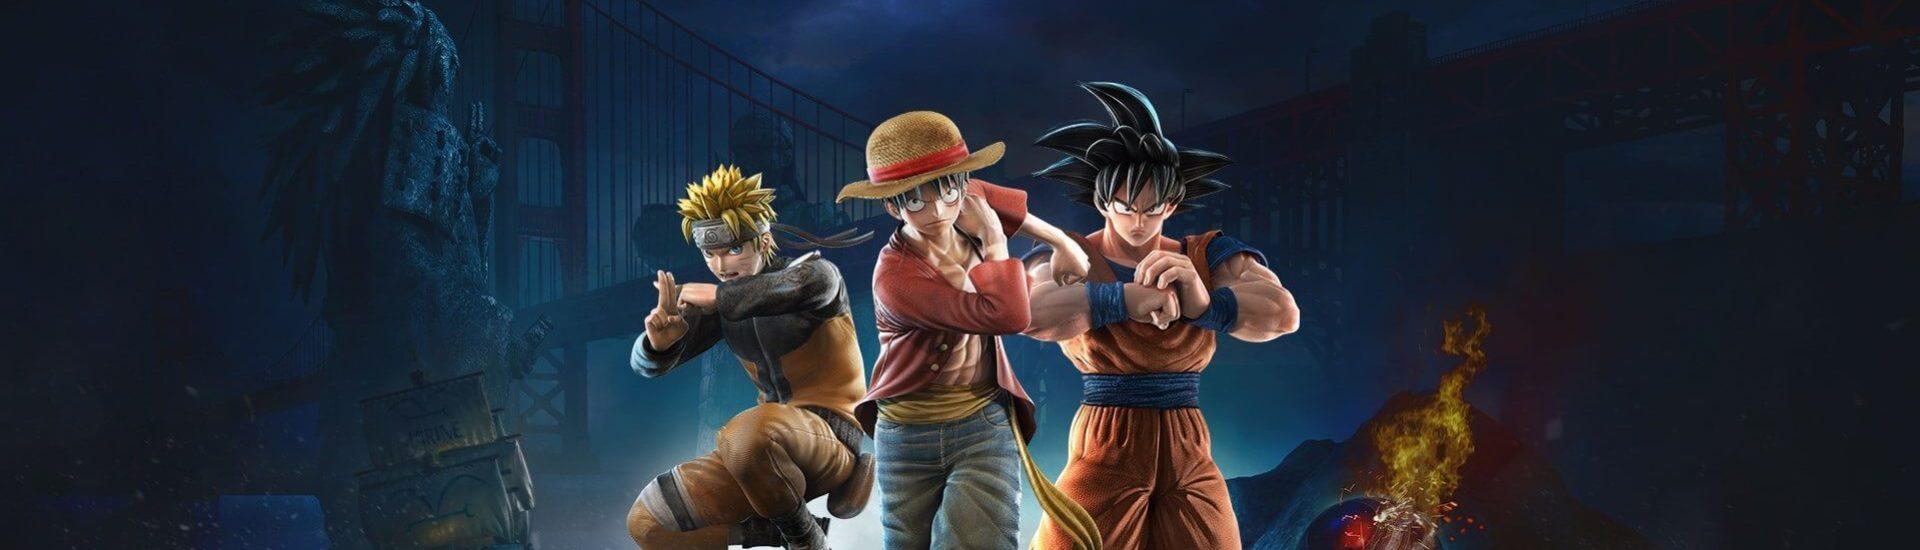 Jump Force: Zusammenschluss der Anime-Giganten